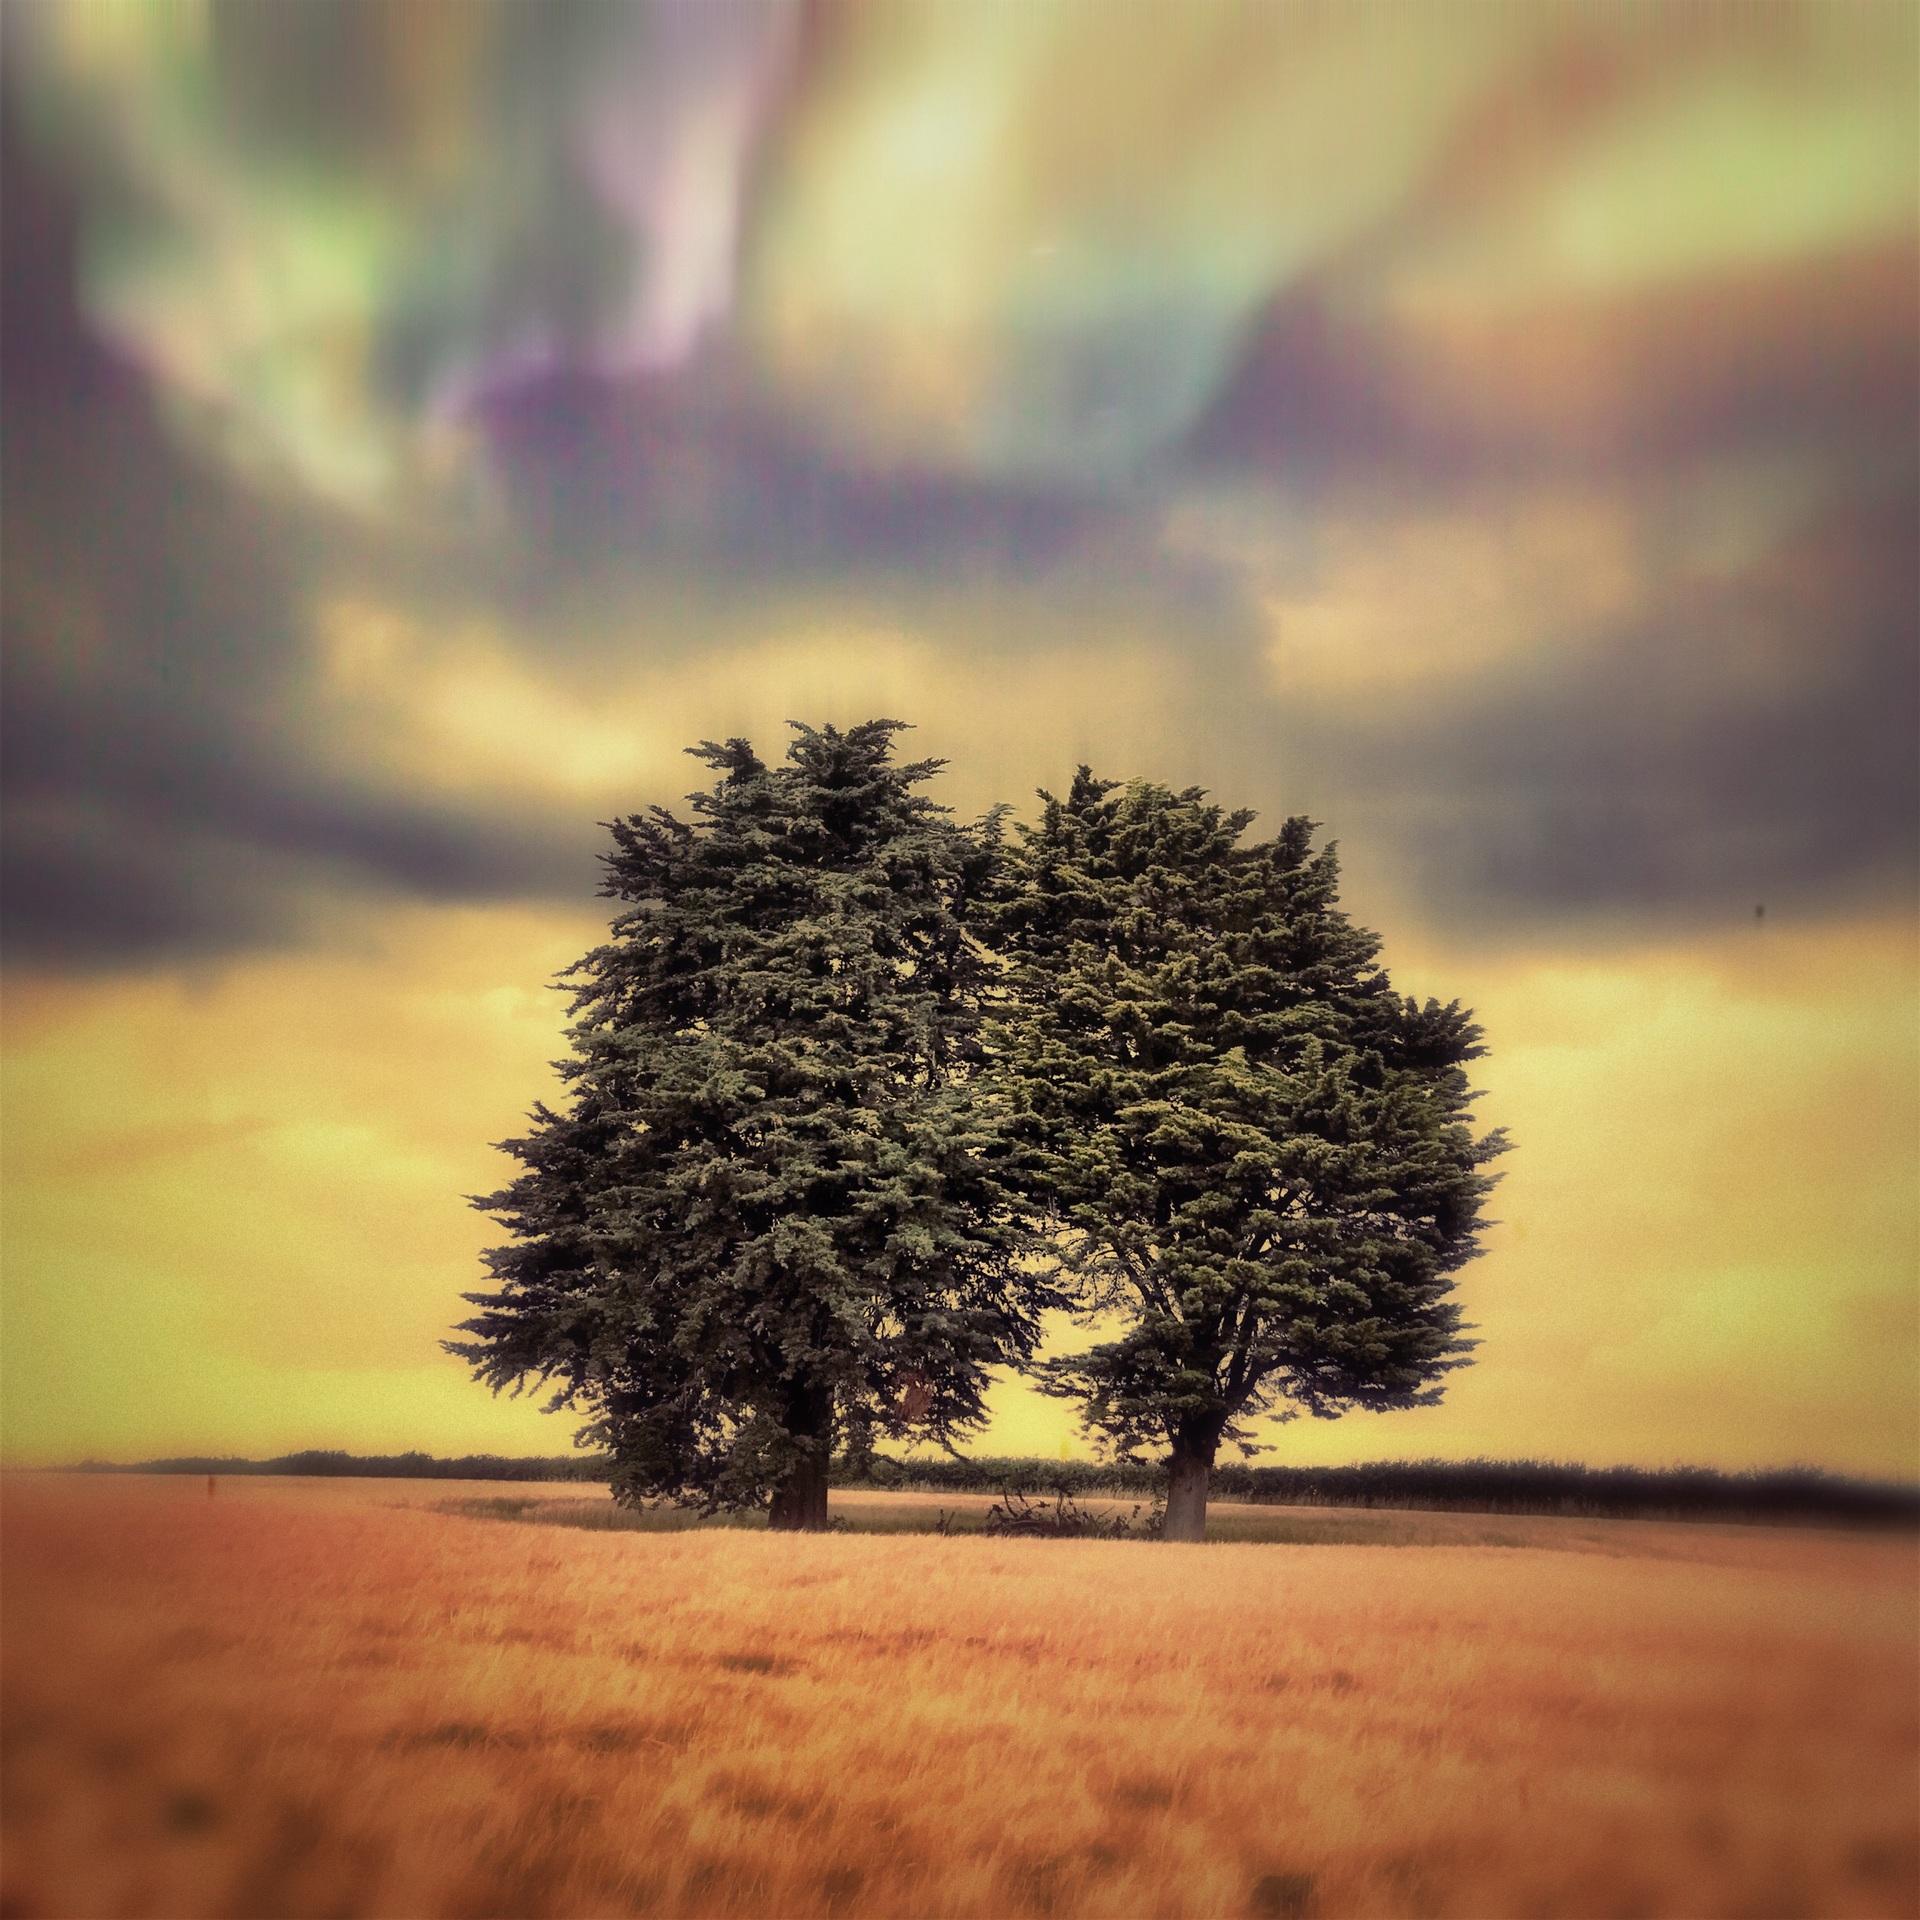 Yew tree in wheat field